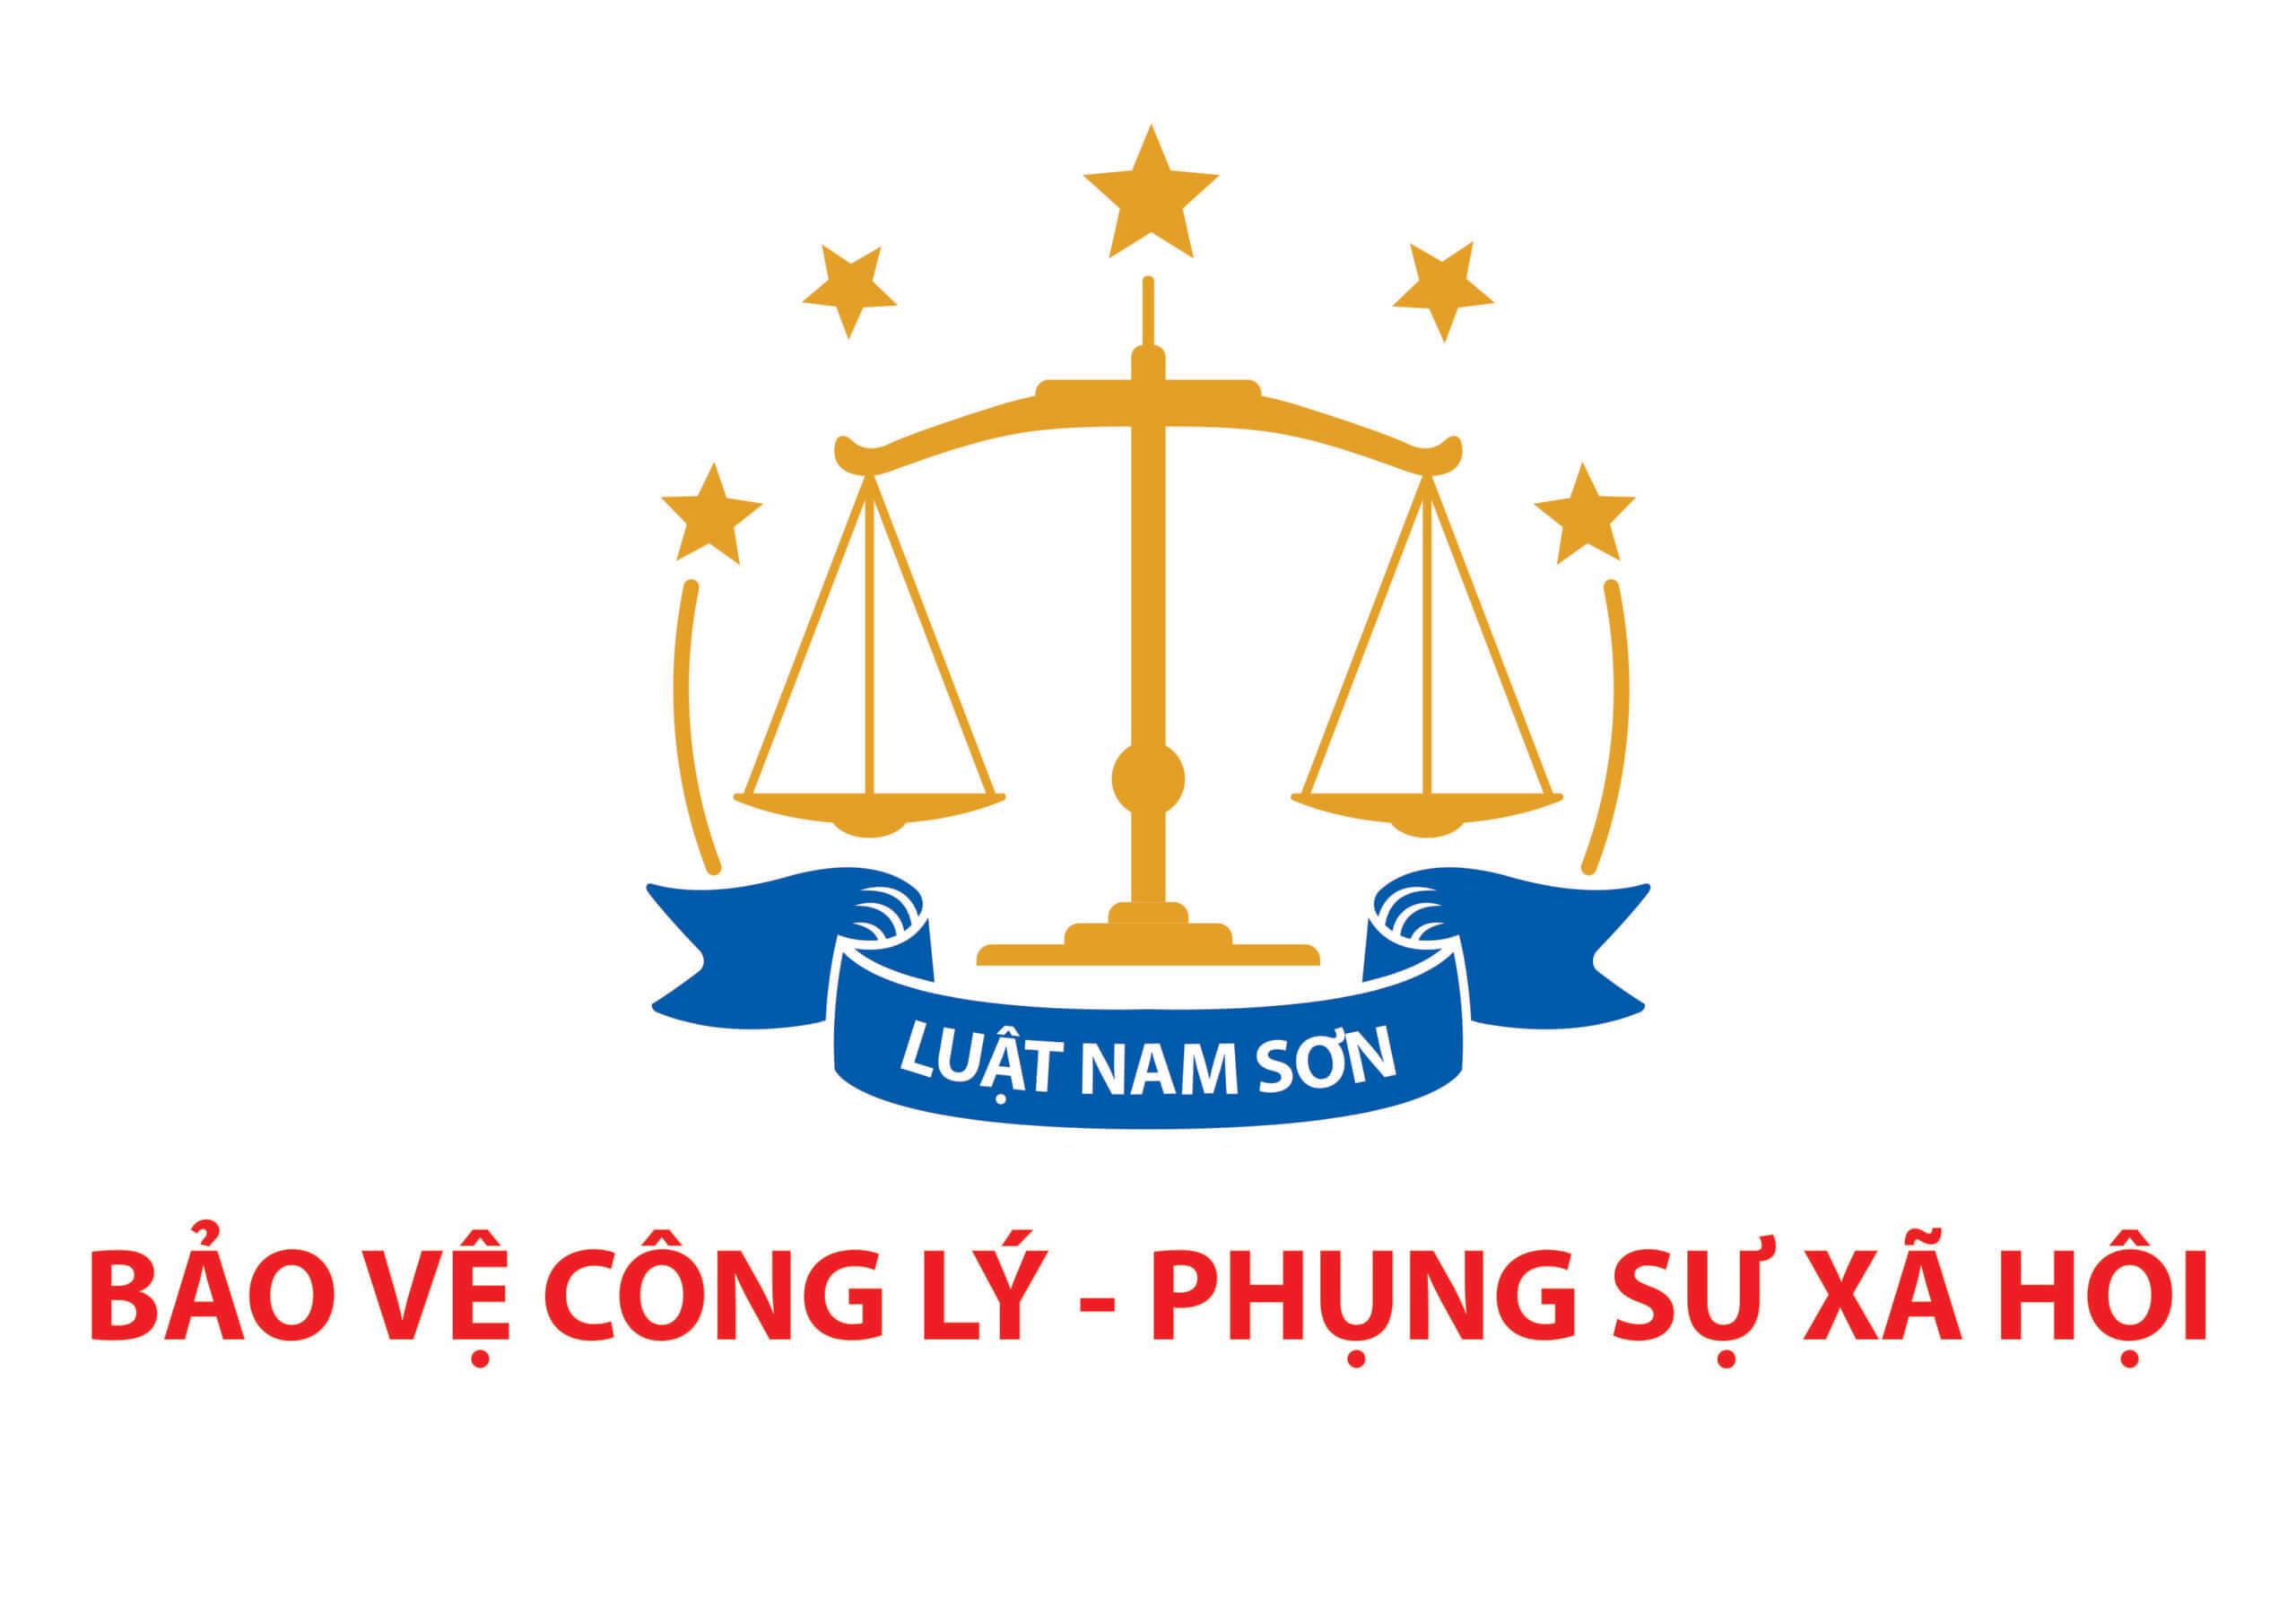 Luật Nam Sơn